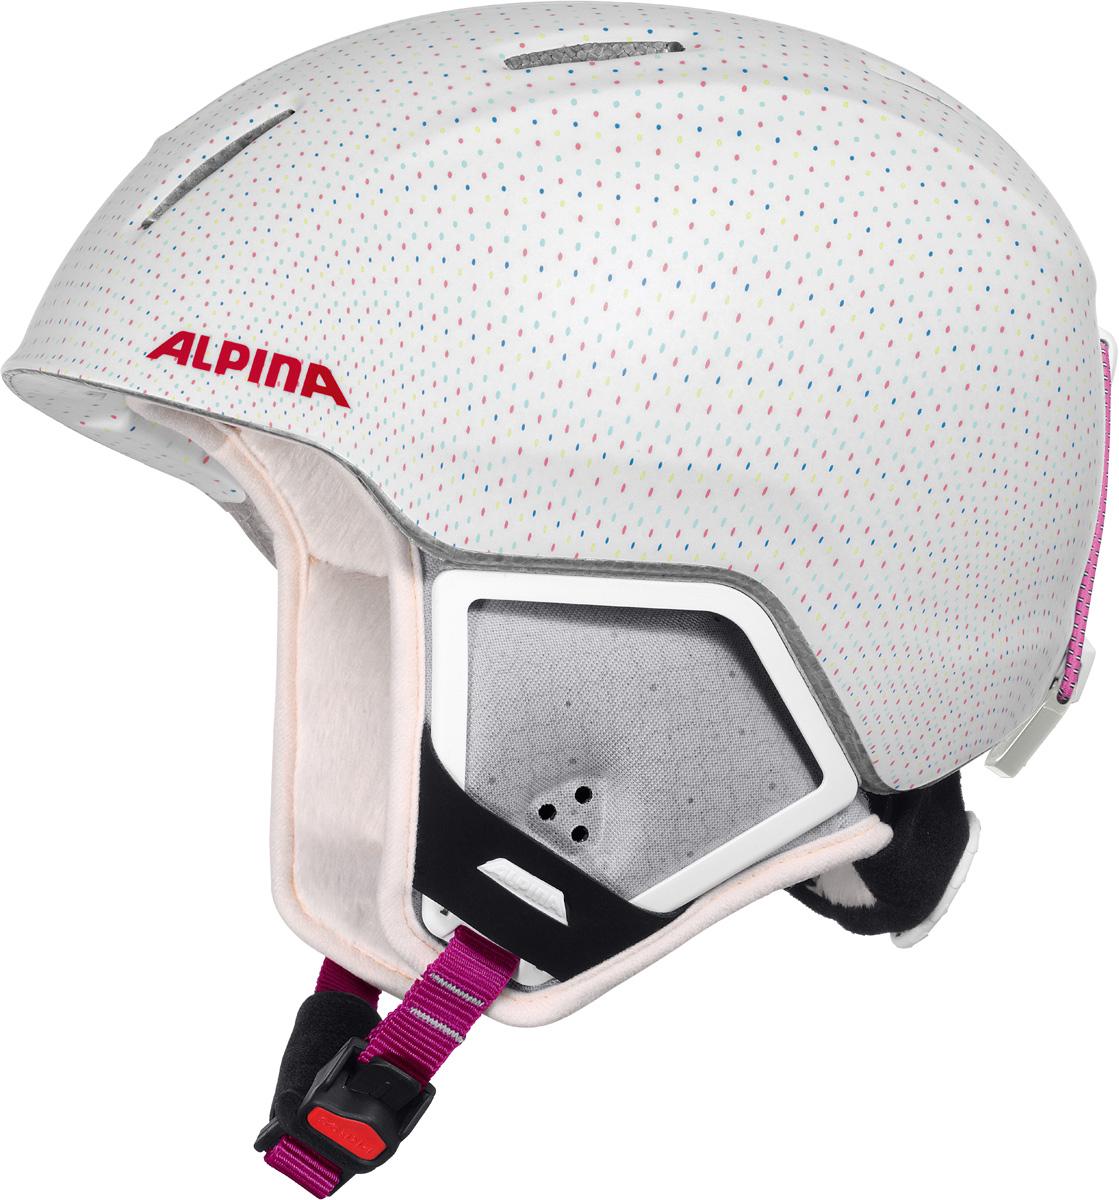 Шлем горнолыжный детский Alpina Carat XT, цвет: белый. A9080_11. Размер 54-58A9080_11Модификация популярнейшего детского горнолыжного шлема Carat с мягкими ушками, которые обеспечиваюь хорошую вентиляцию и не мешают слуху.• Вентиляционные отверстия препятствуют перегреву и позволяют поддерживать идеальную температуру внутри шлема. Для этого инженеры Alpina используют эффект Вентури, чтобы сделать циркуляцию воздуха постоянной и максимально эффективной.• Внутренник шлема легко вынимается, стирается, сушится и вставляется обратно.• Из задней части шлема можно достать шейный утеплитель из мякого микро-флиса. Этот теплый воротник также защищает шею от ударов на высокой скорости и при сибирских морозах. В удобной конструкции отсутствуют точки давления на шею.• Прочная и лёгкая конструкция In-mold. Тонкая и прочная поликарбонатная оболочка под воздействием высокой температуры и давления буквально сплавляется с гранулами EPS, которые гасят ударную нагрузку.• Внутренная оболочка каждого шлема Alpina состоит из гранул HI-EPS (сильно вспененного полистирола). Микроскопические воздушные карманы эффективно поглощают ударную нагрузку и обеспечивают высокую теплоизоляцию. Эта технология позволяет достичь минимальной толщины оболочки. А так как гранулы HI-EPS не впитывают влагу, их защитный эффект не ослабевает со временем.• Удобная и точная система регулировки Run System Ergo Snow позволяет быстро и комфортно подогнать шлем по голове, без создания отдельных точек избыточного давления.• Y-образный ремнераспределитель двух ремешков находится под ухом и обеспечивает быструю и точную посадку шлема на голове.• Вместо фастекса на ремешке используется красная кнопка с автоматическим запирающим механизмом, которую легко использовать даже в лыжных перчатках. Механизм защищён от произвольного раскрытия при падении.